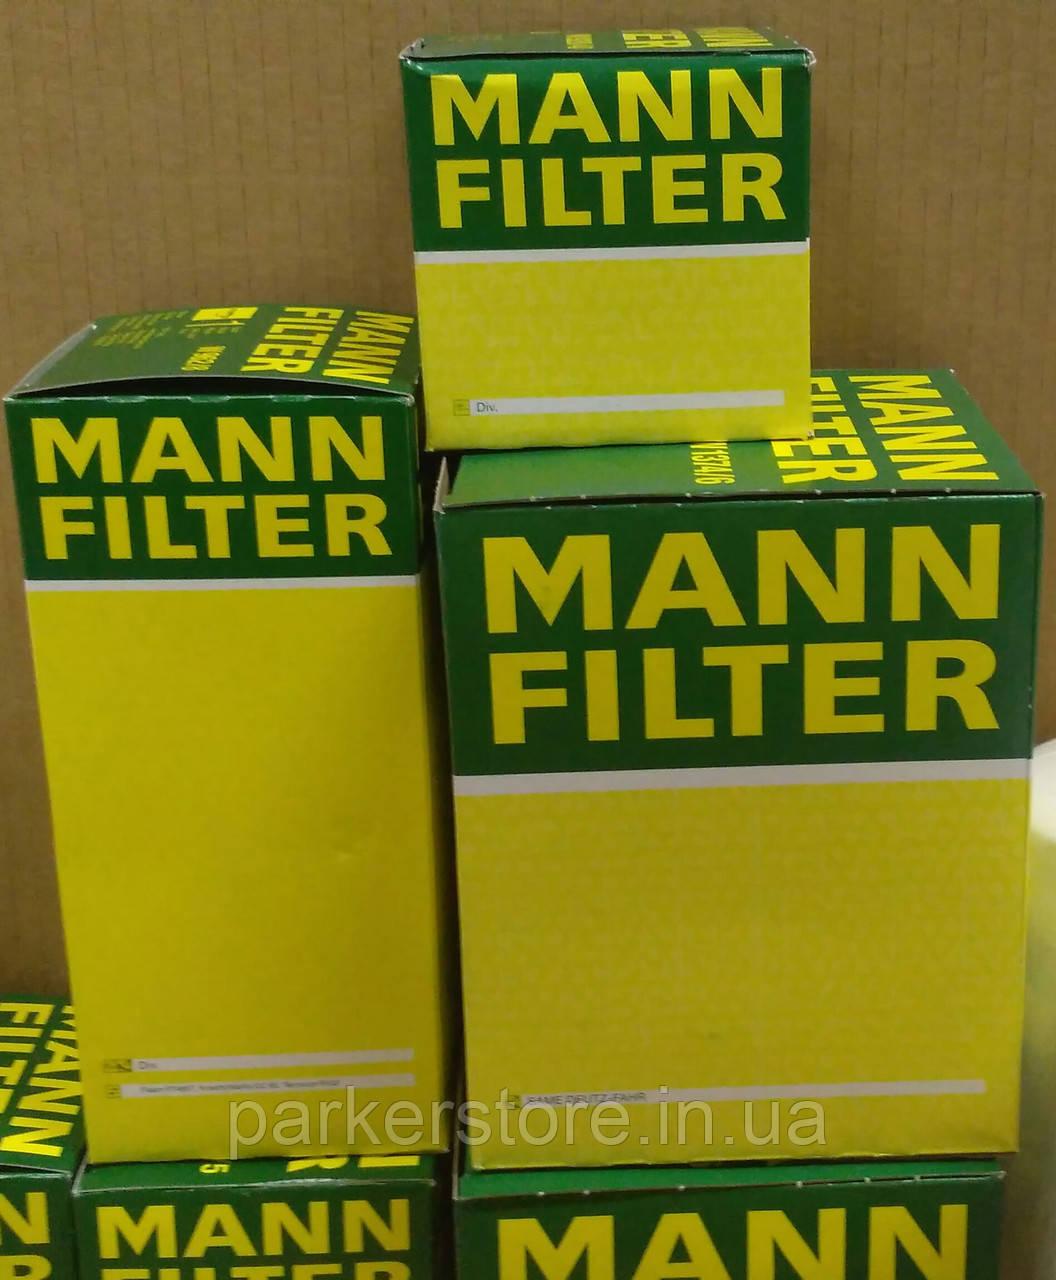 MANN FILTER / Воздушный фильтр / C 33 006 / C33006